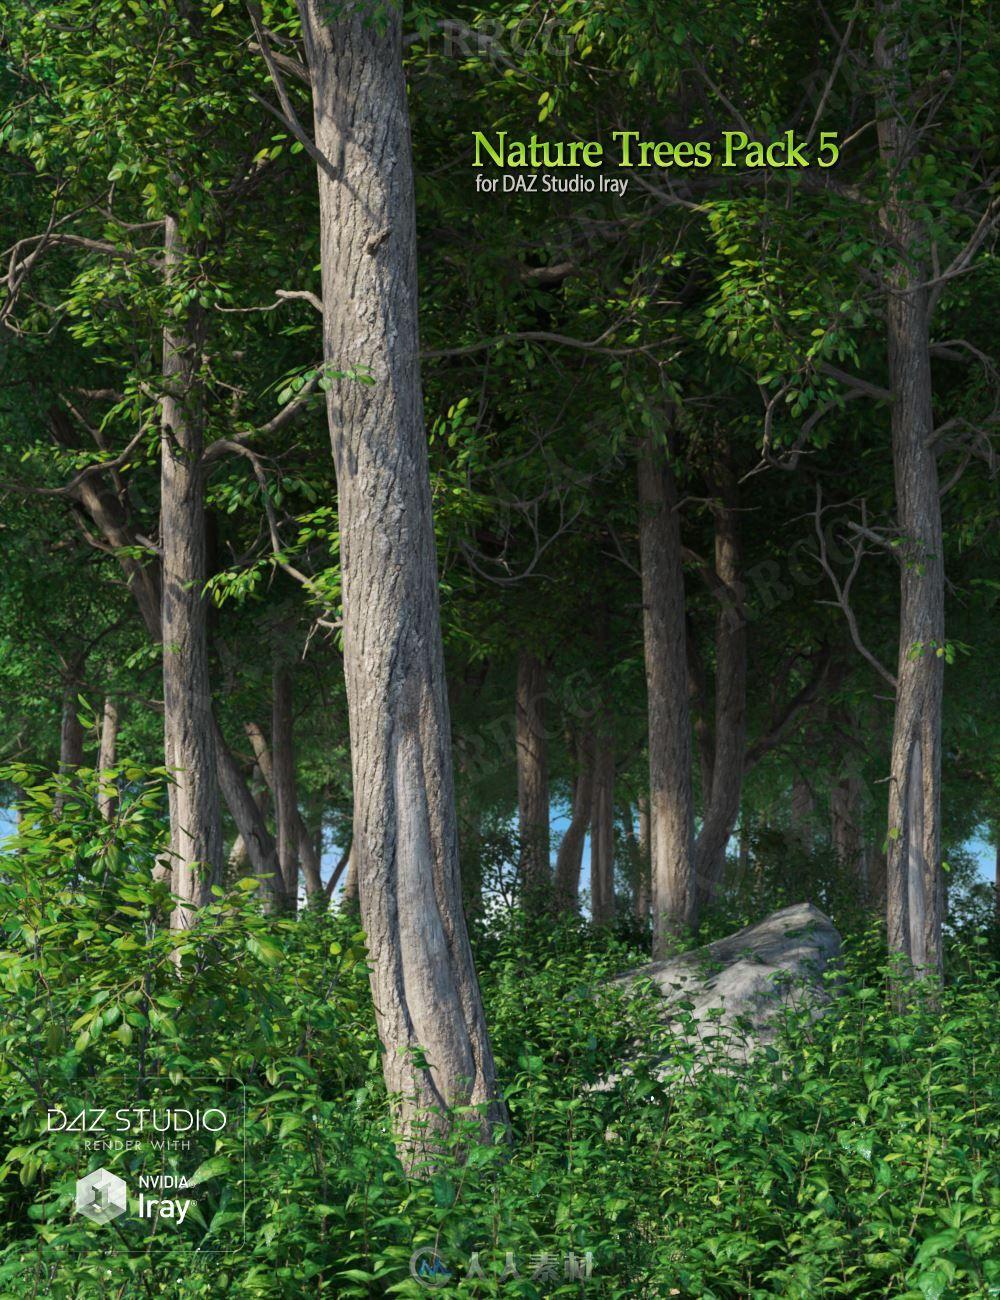 自然植被树木森林3D模型合集